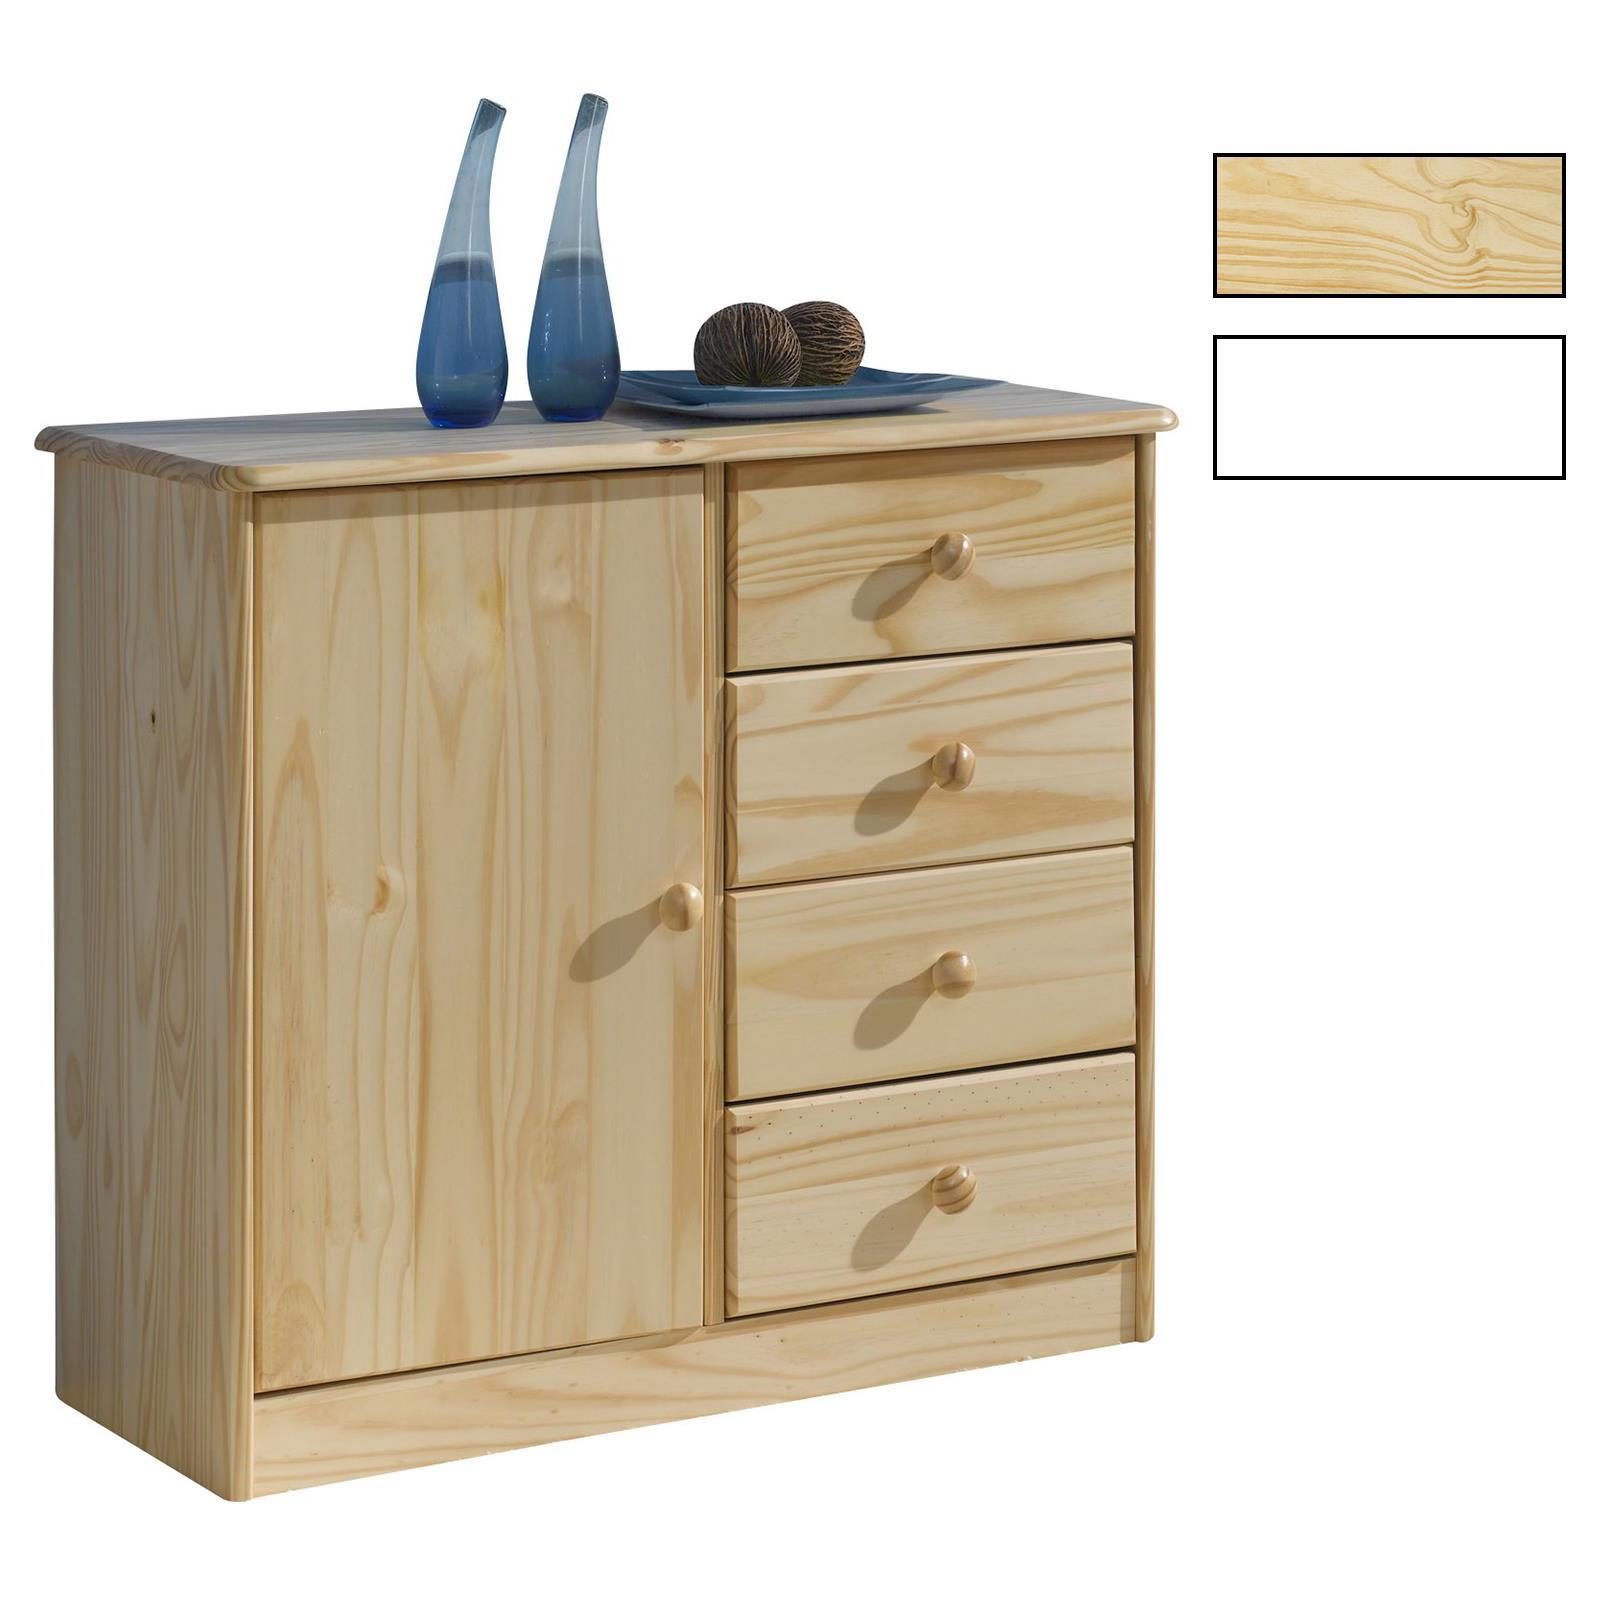 ikea kommode kiefer natur das beste aus wohndesign und m bel inspiration. Black Bedroom Furniture Sets. Home Design Ideas